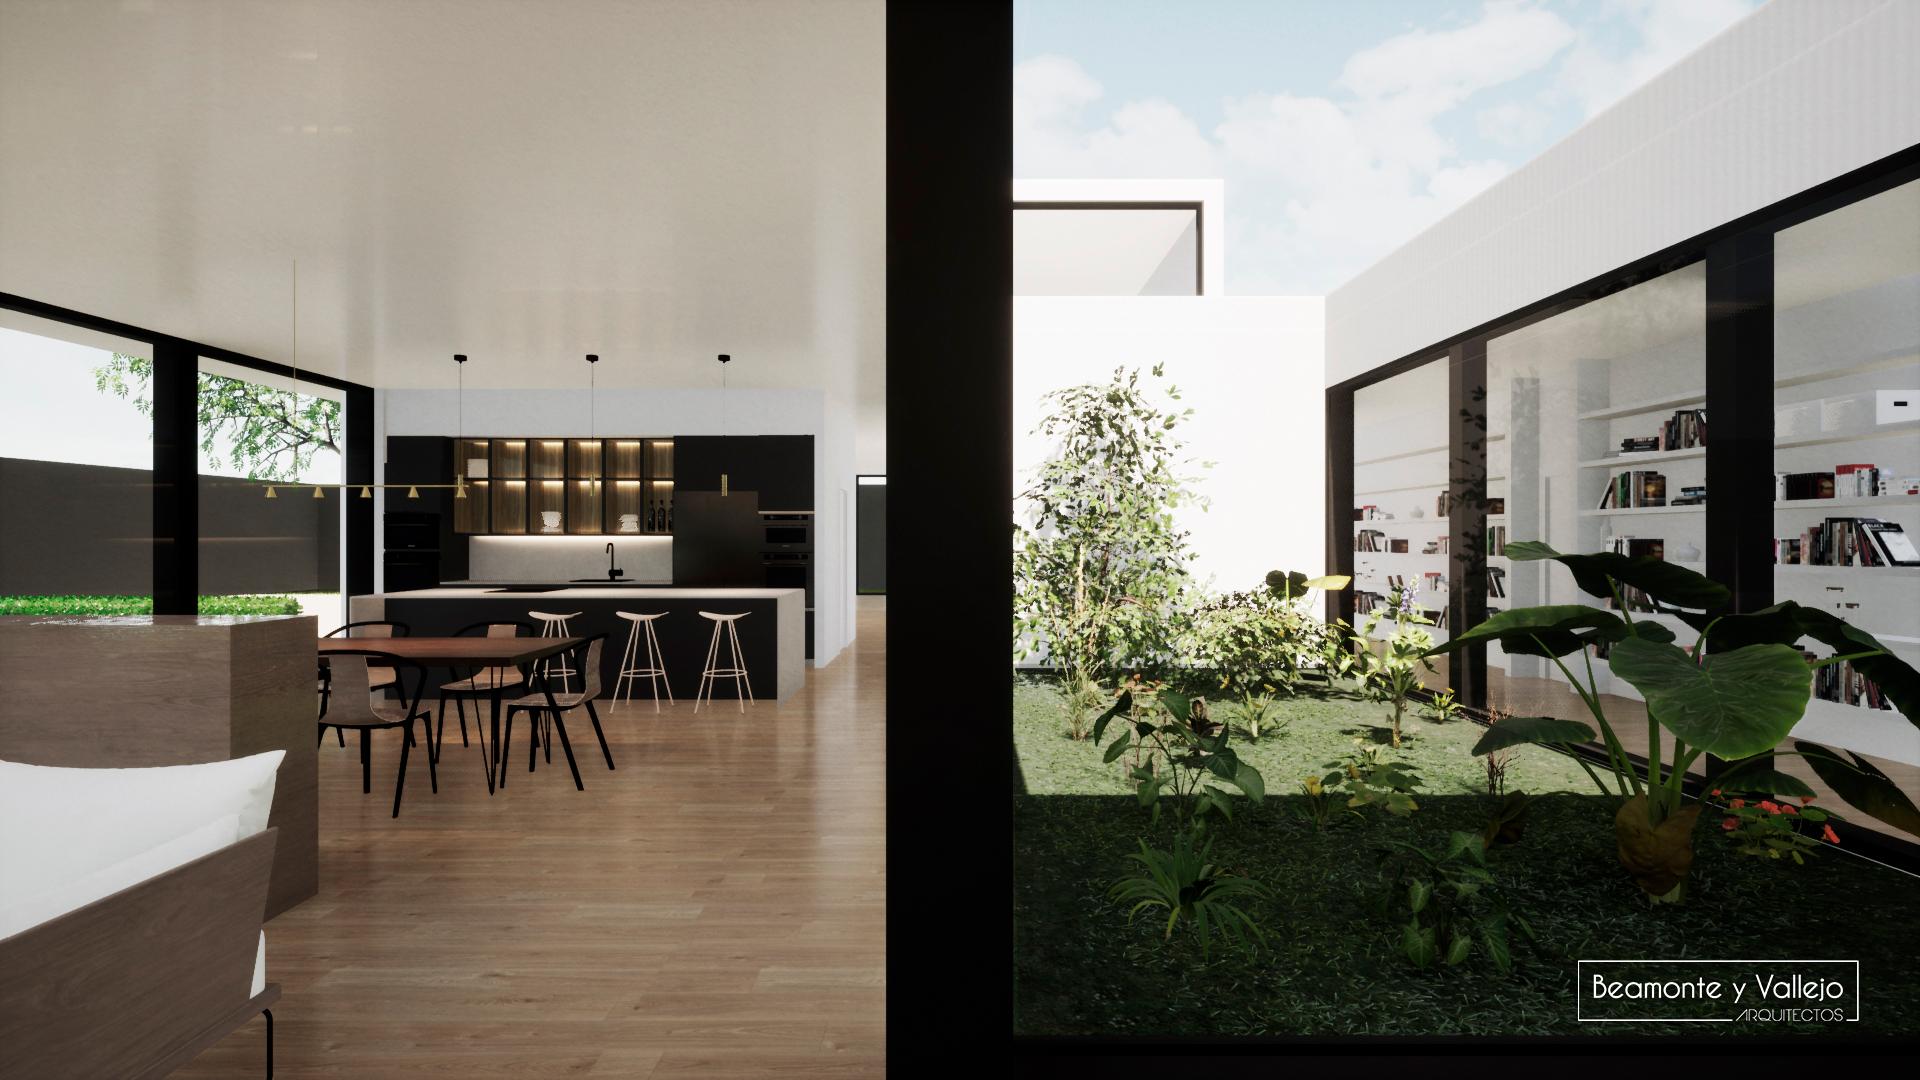 Beamonte y Vallejo Arquitectos - Passivhaus Zorongo I - 9